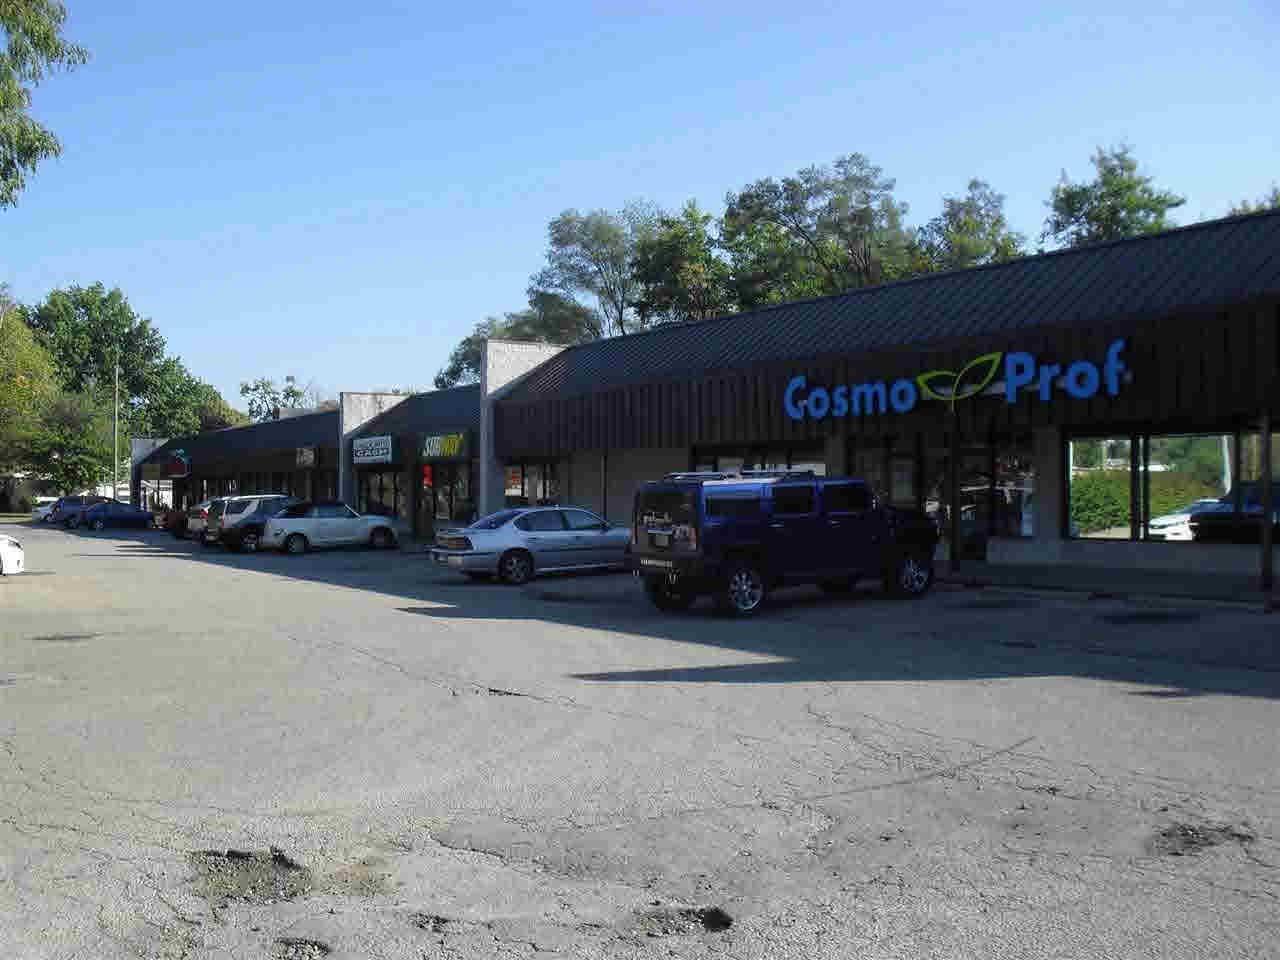 1522  Cassopolis St. Plaza Elkhart, IN 46514